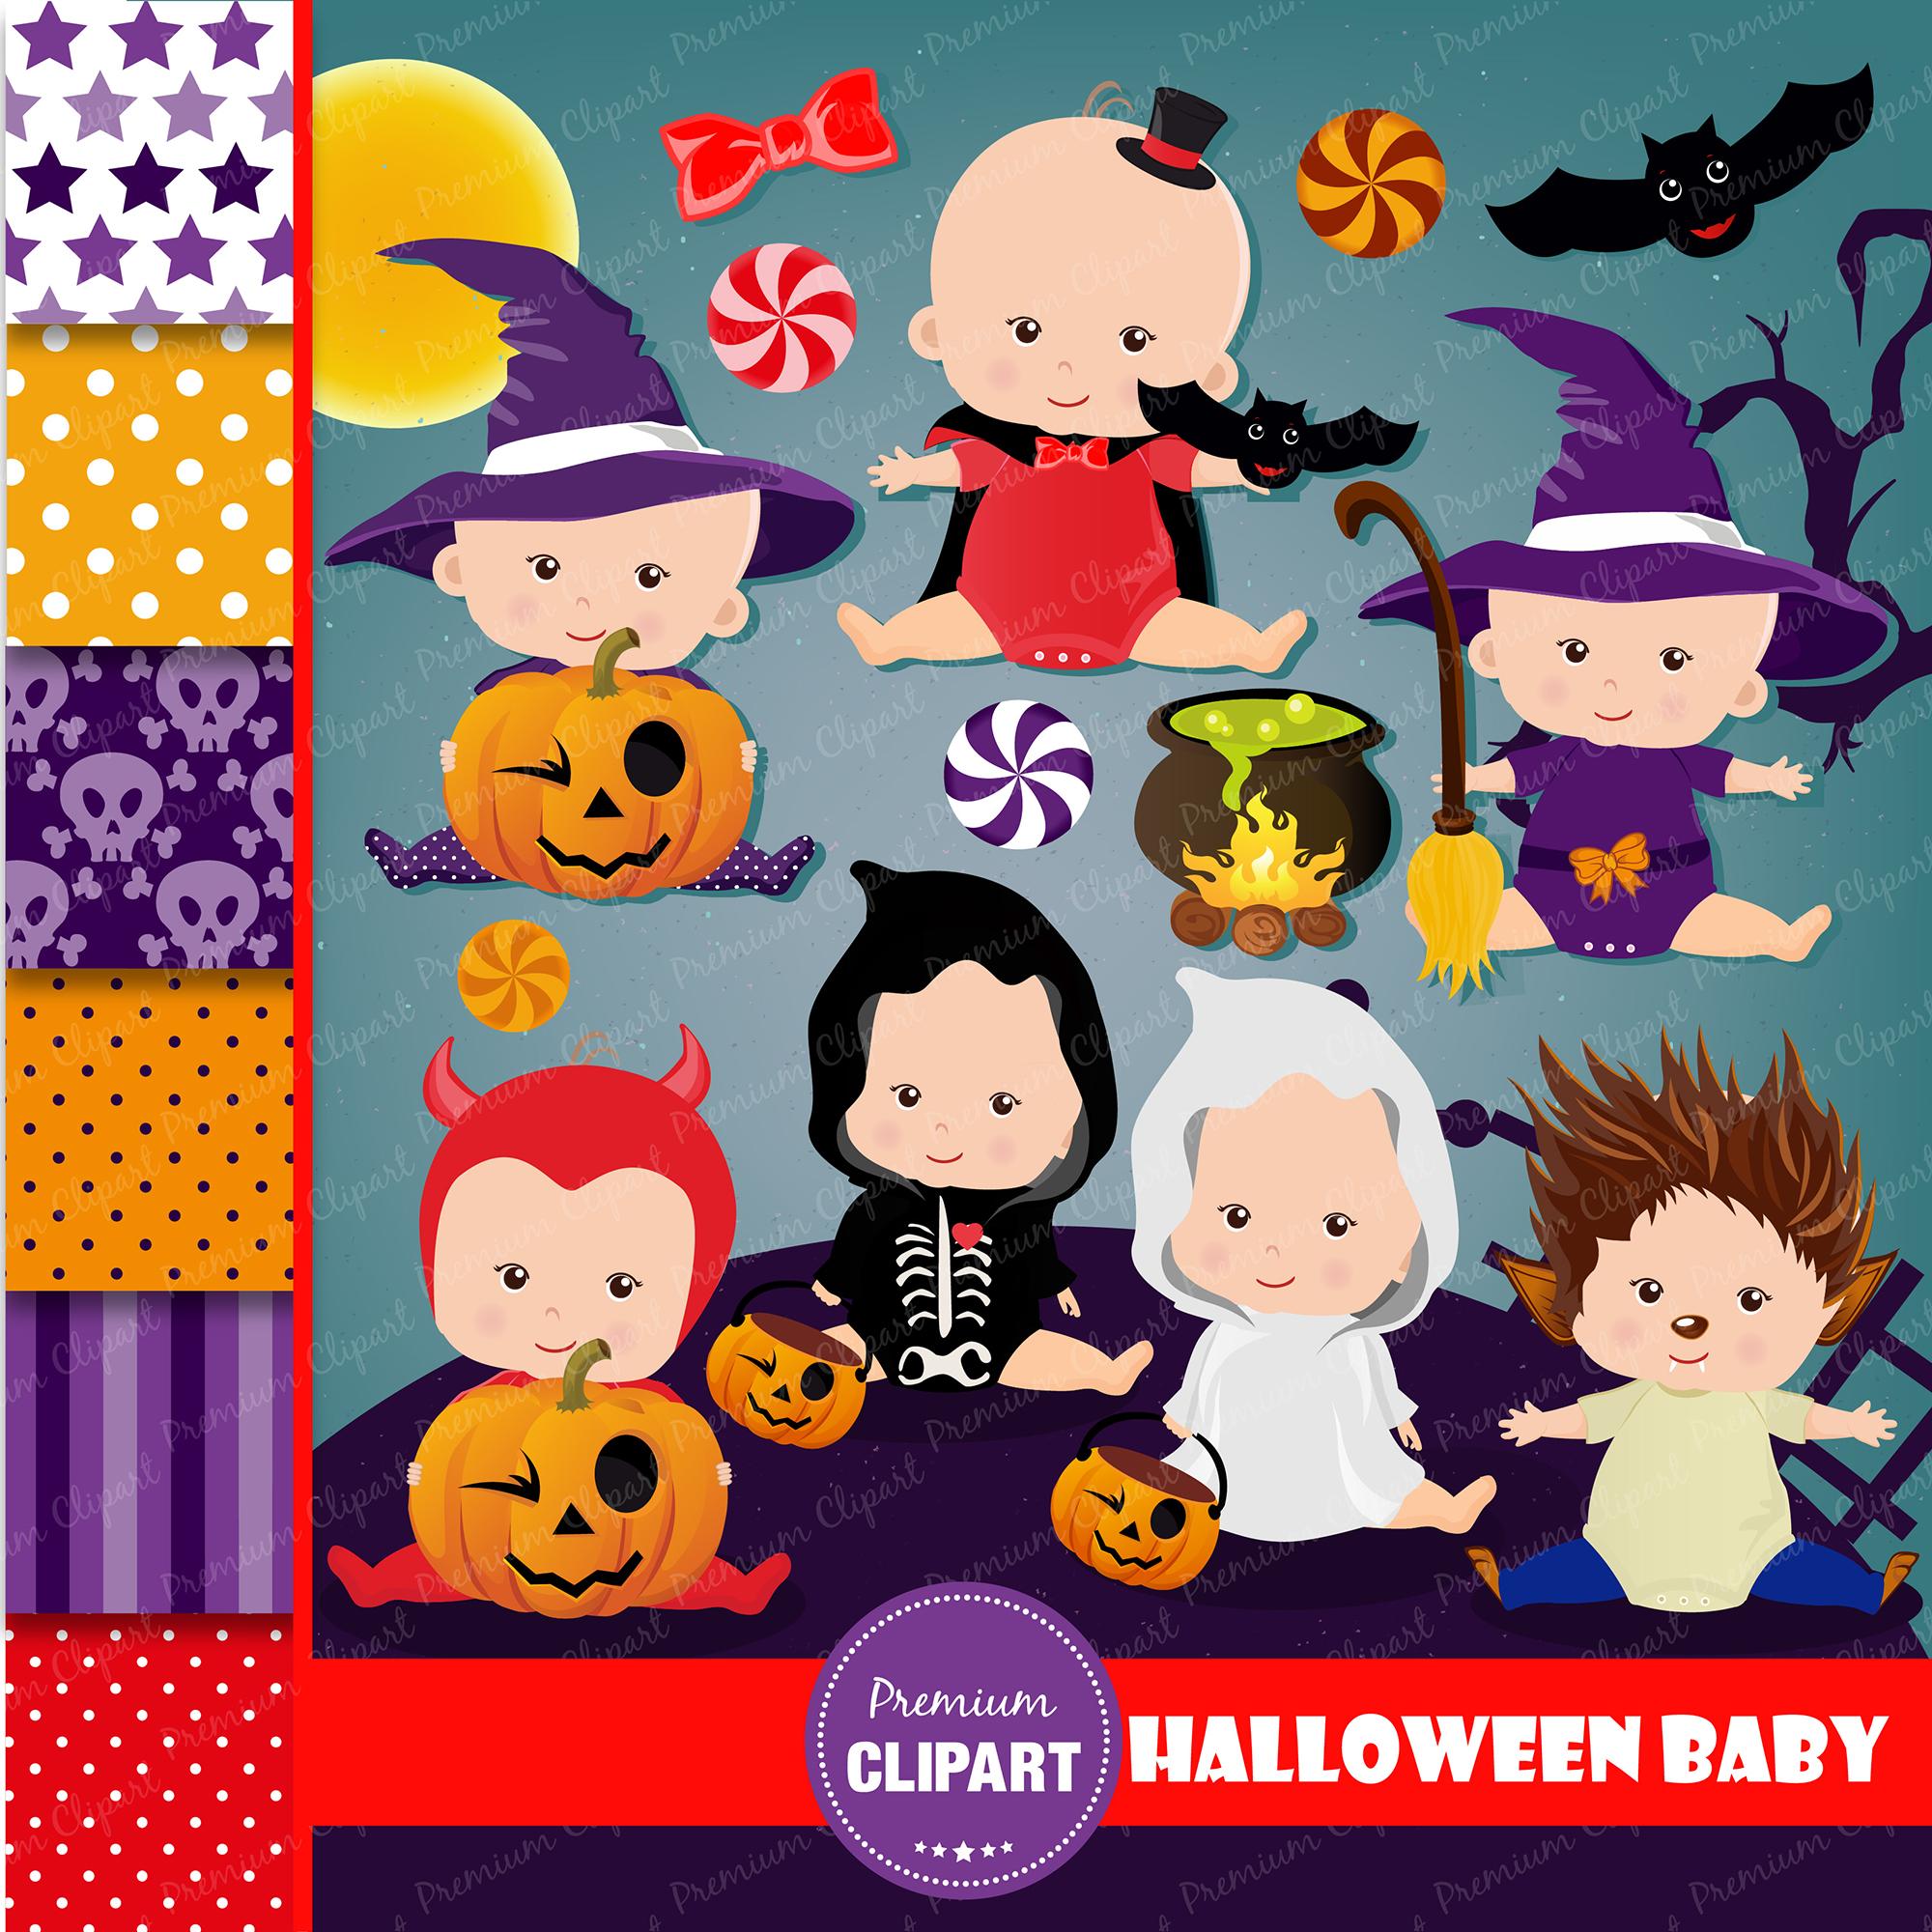 Halloween bundle, Halloween illustrations example image 21